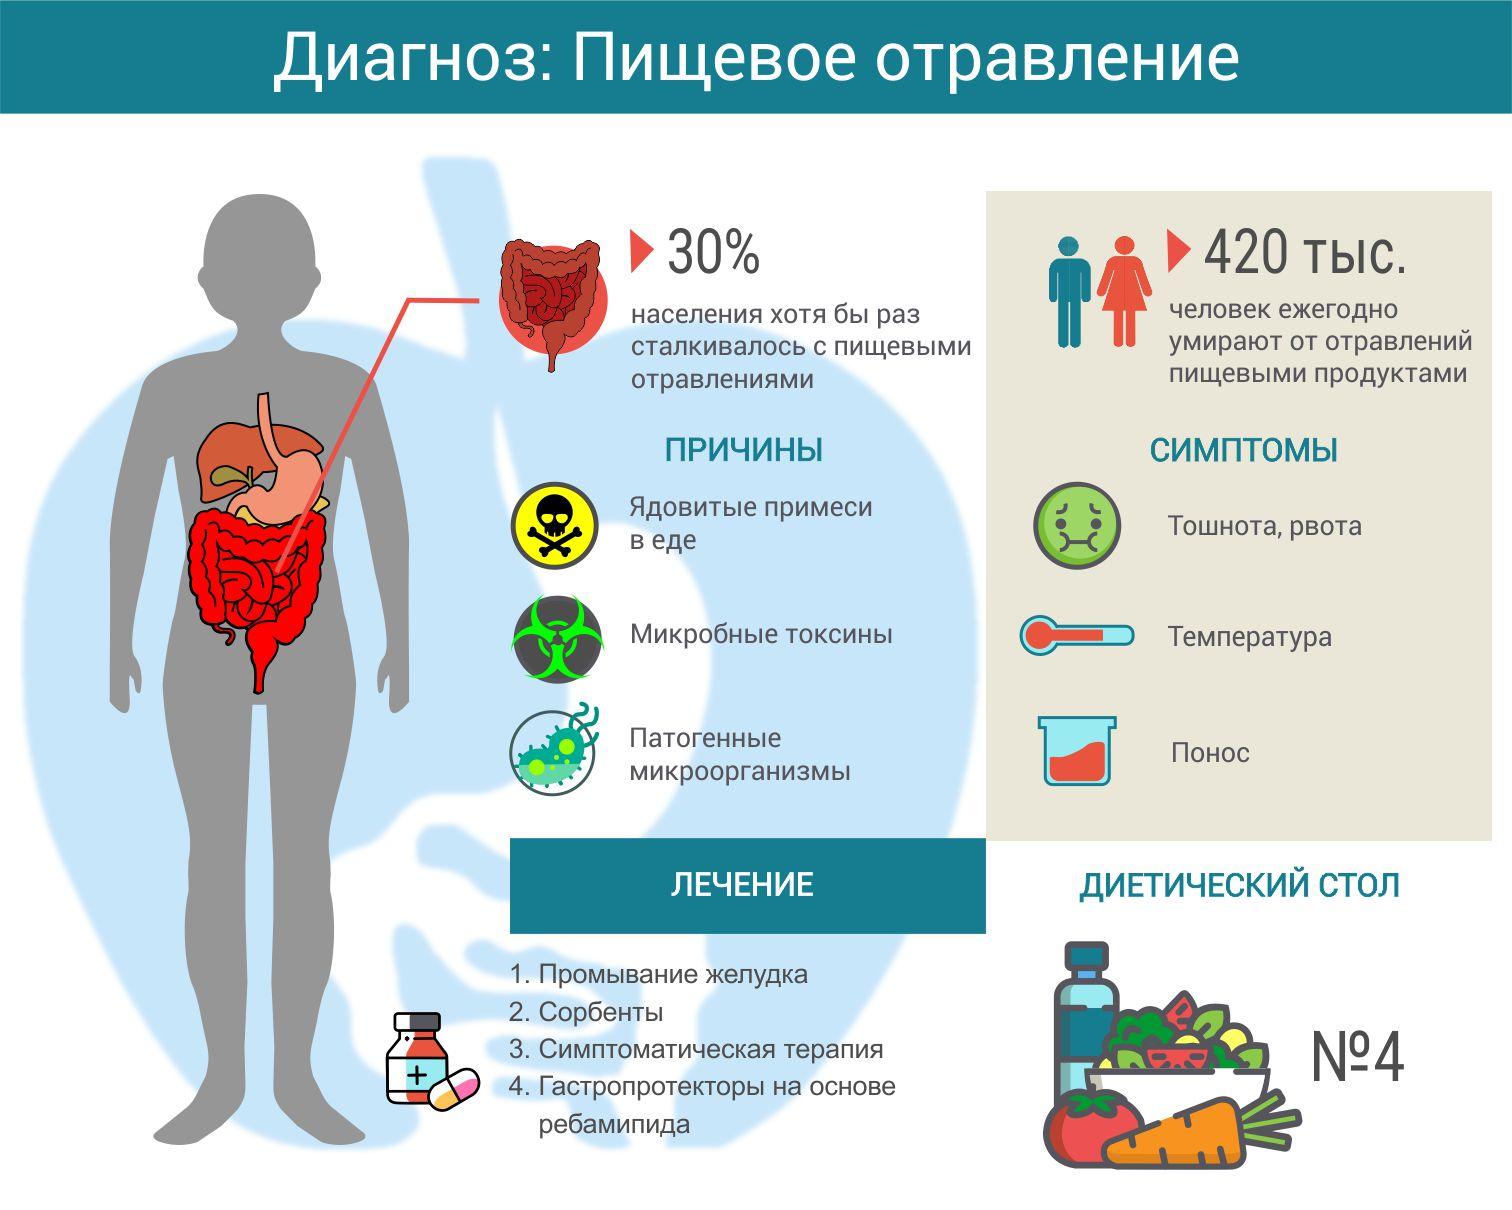 Пищевое отравление: симптомы, опасность, лечение - симптомы, диагностика, лечение, профилактика